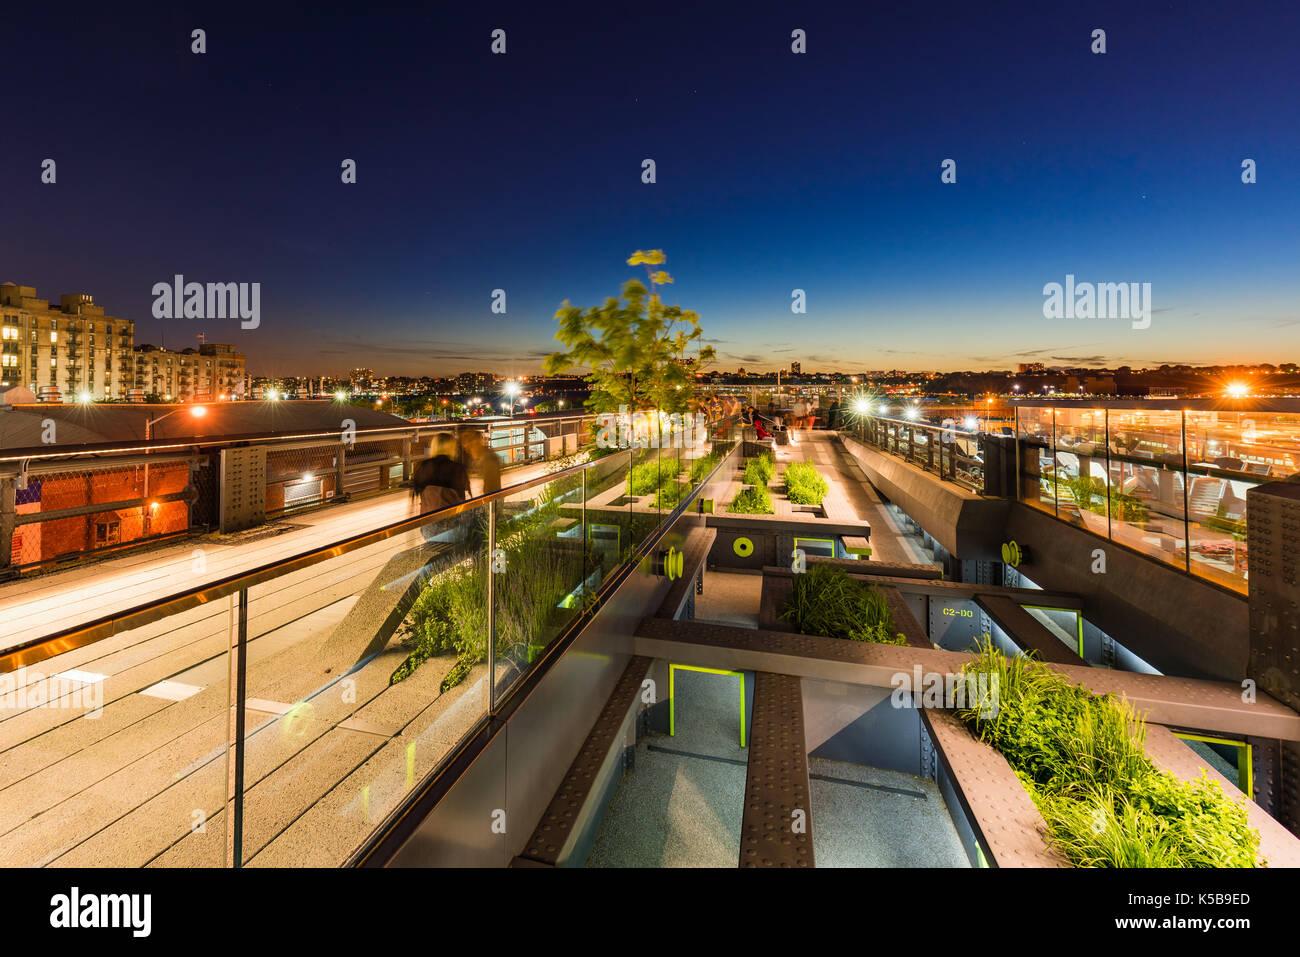 Die High Line Promenade in der Abenddämmerung. Chelsea, Manhattan, New York City Stockbild